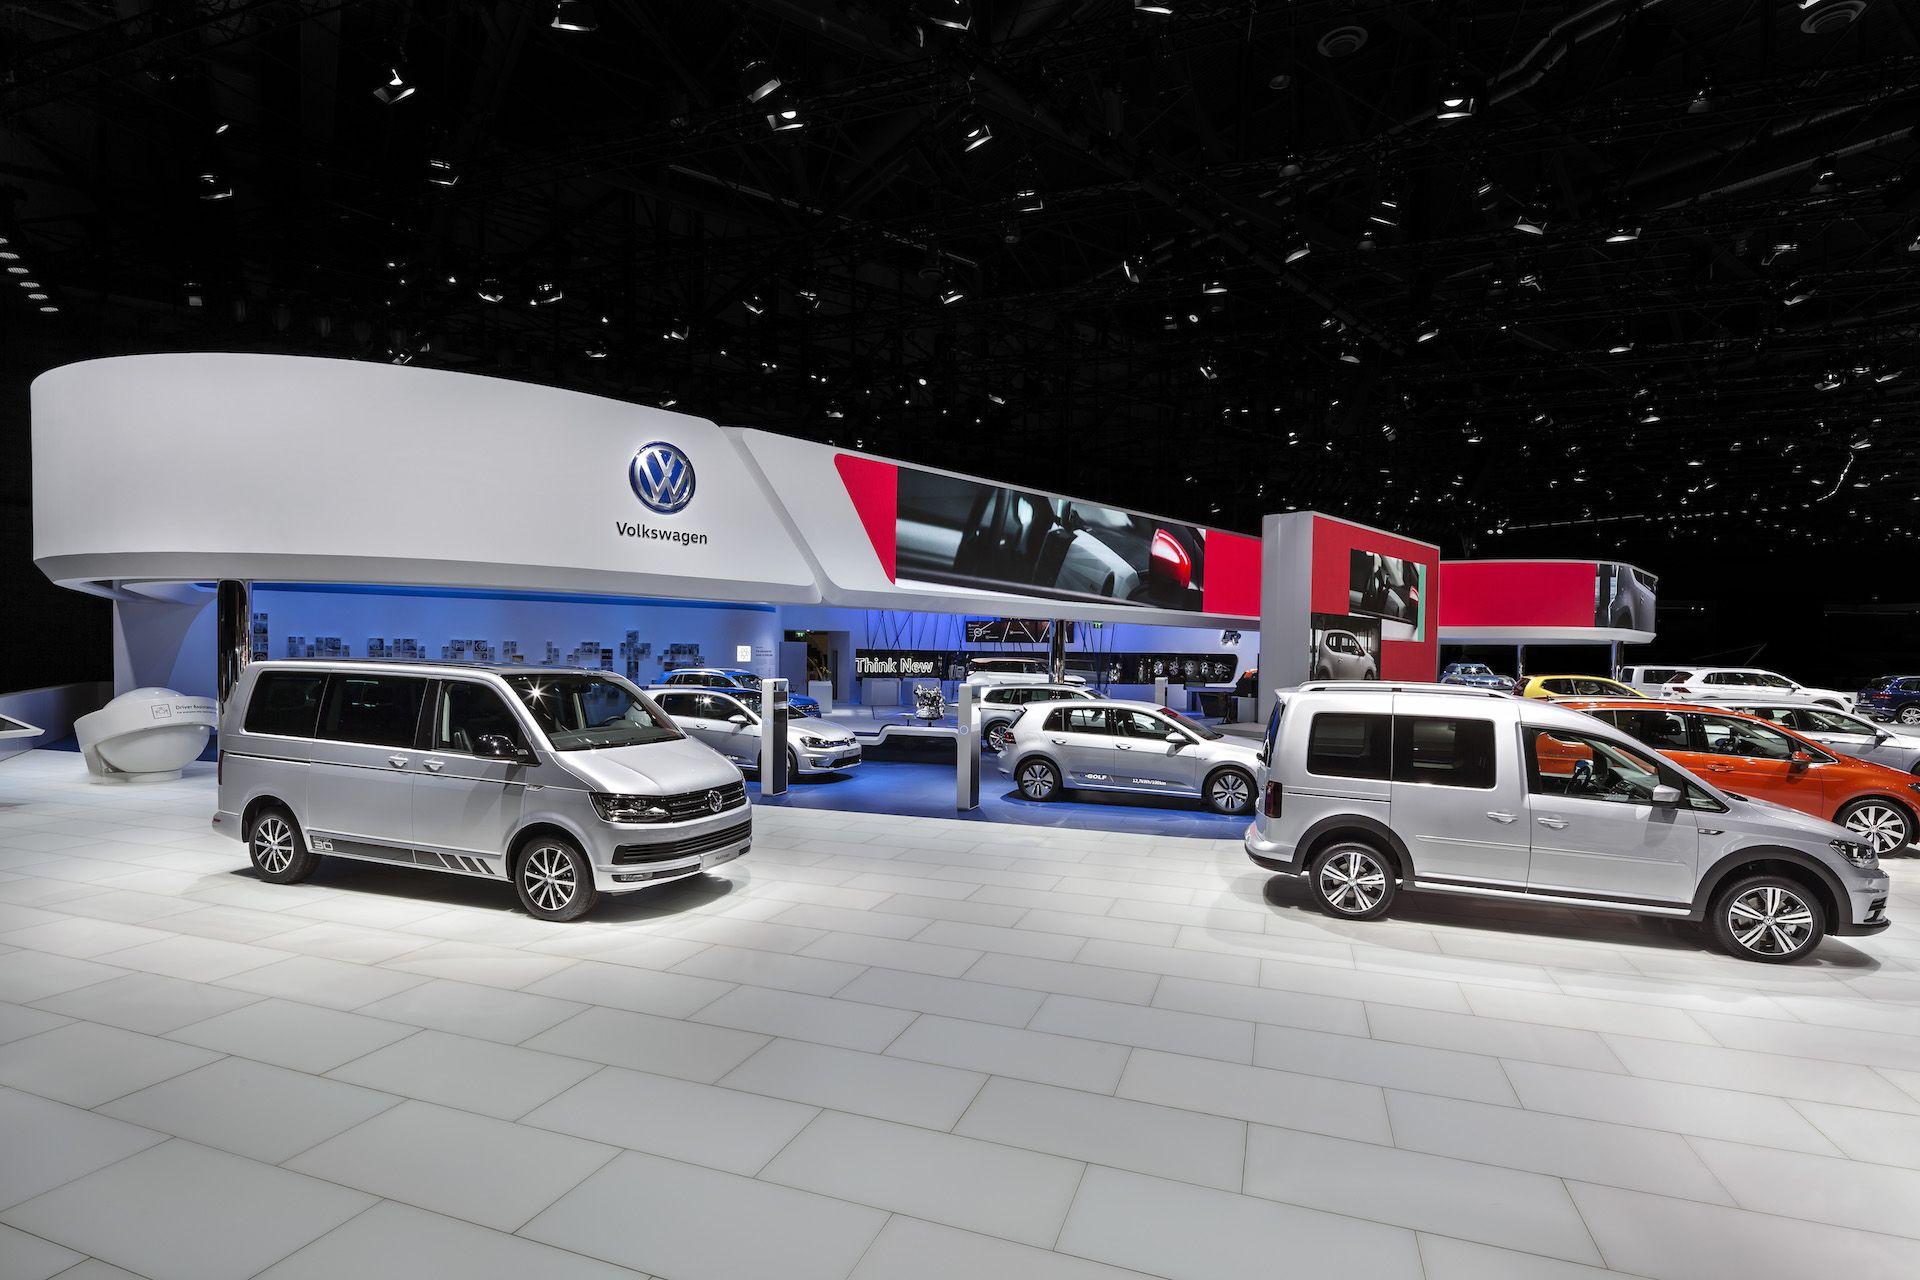 Volkswagen Internationaler Autosalon Genf 2016 Messeauftritt Messeauftritt Volkswagen Messe